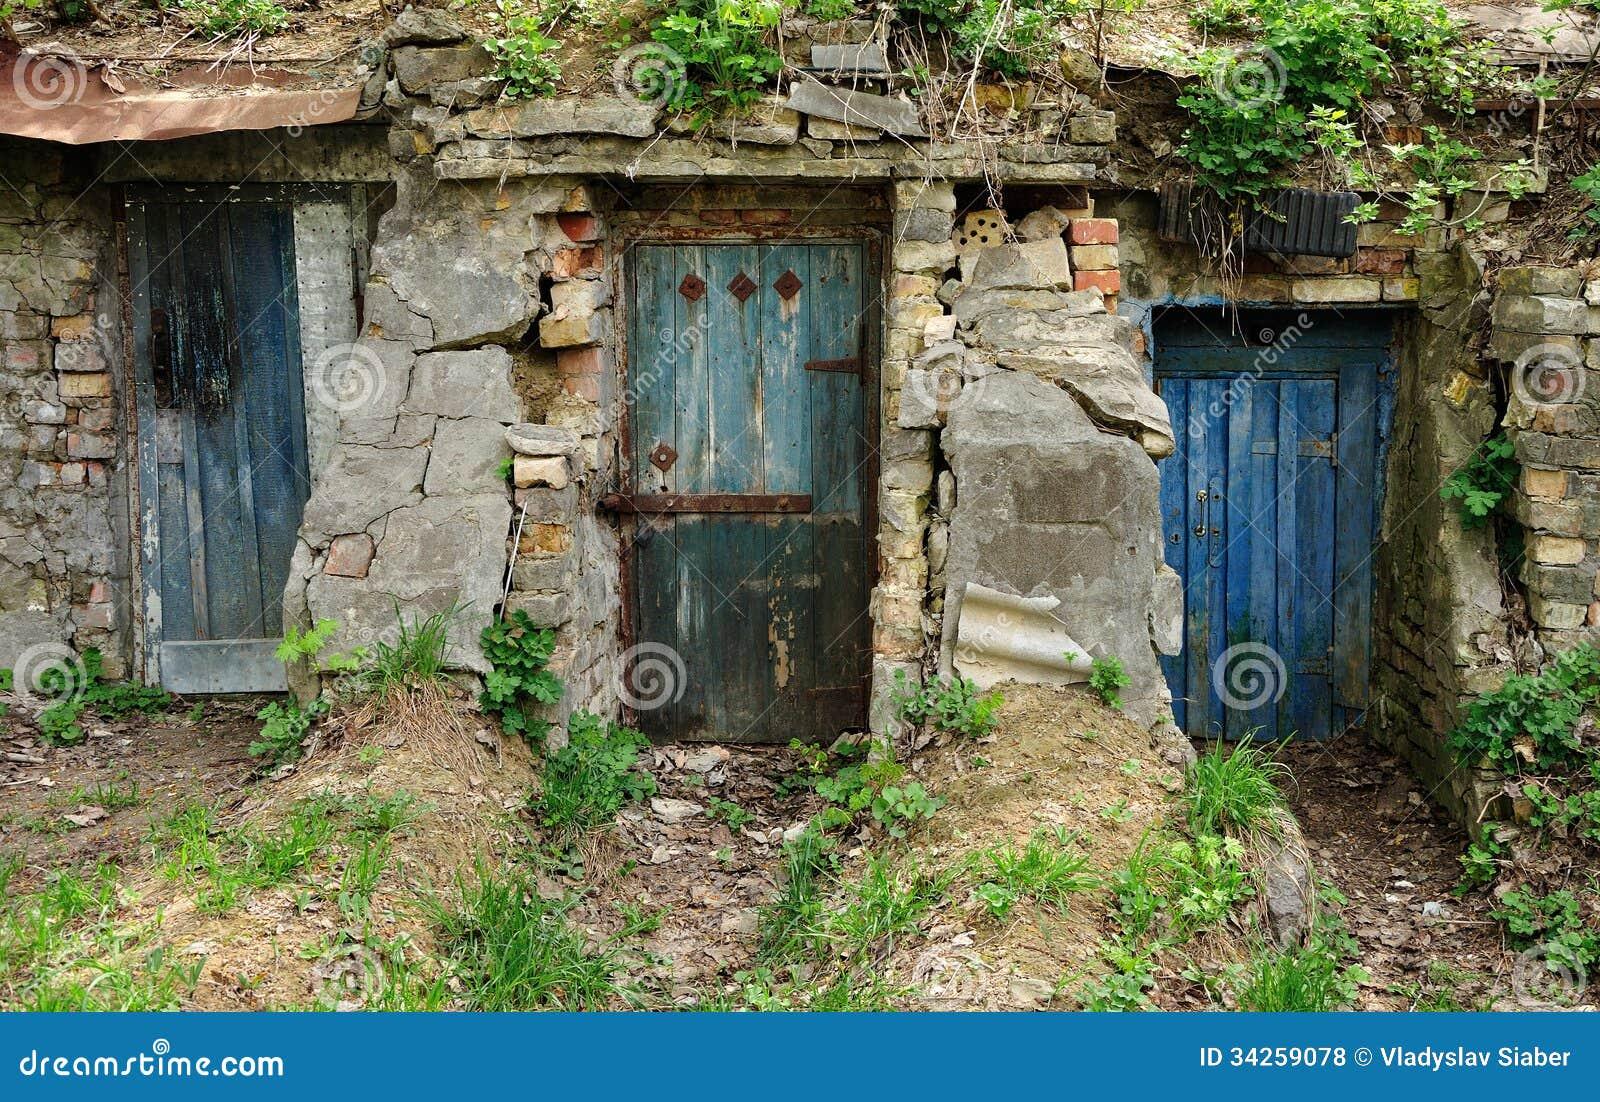 Trois Vieilles Portes En Bois Photo stock - Image du trappe, ruiné ...